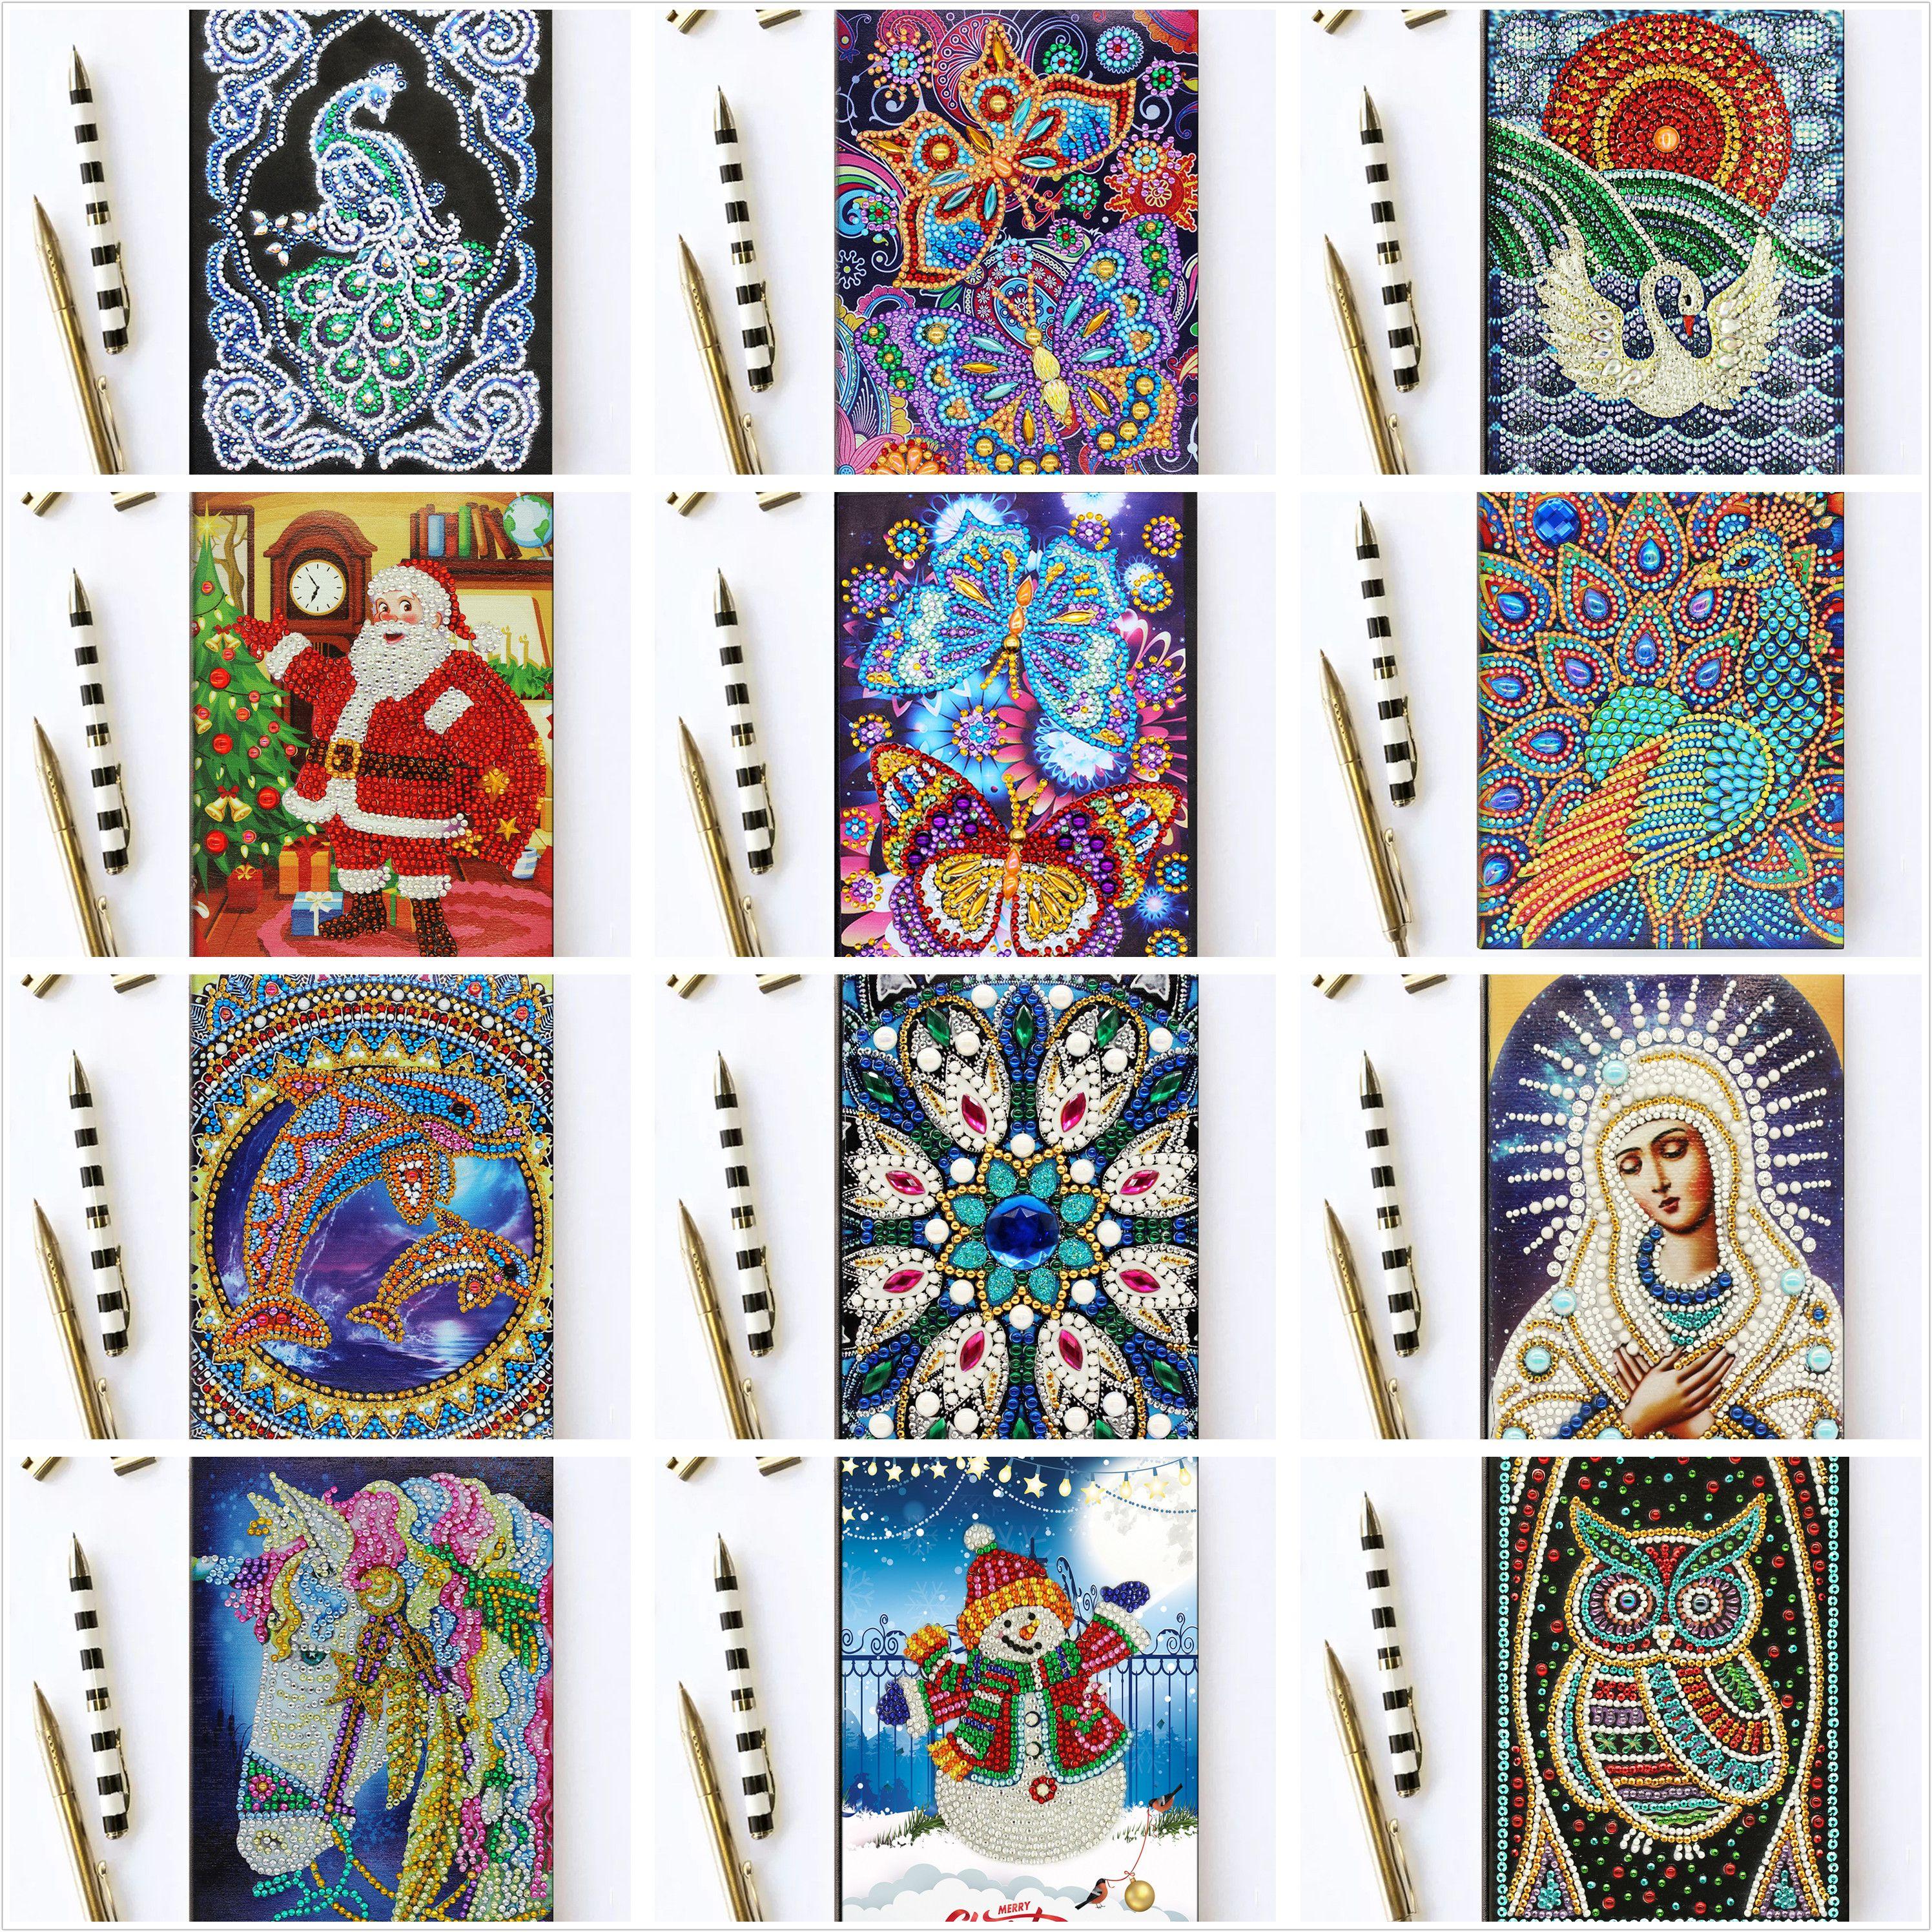 Shirliben bricolage Art diamant peinture carnet journal intime complet rond diamant mosaïque broderie A5 64 Pages hibou paon Mandala papillon